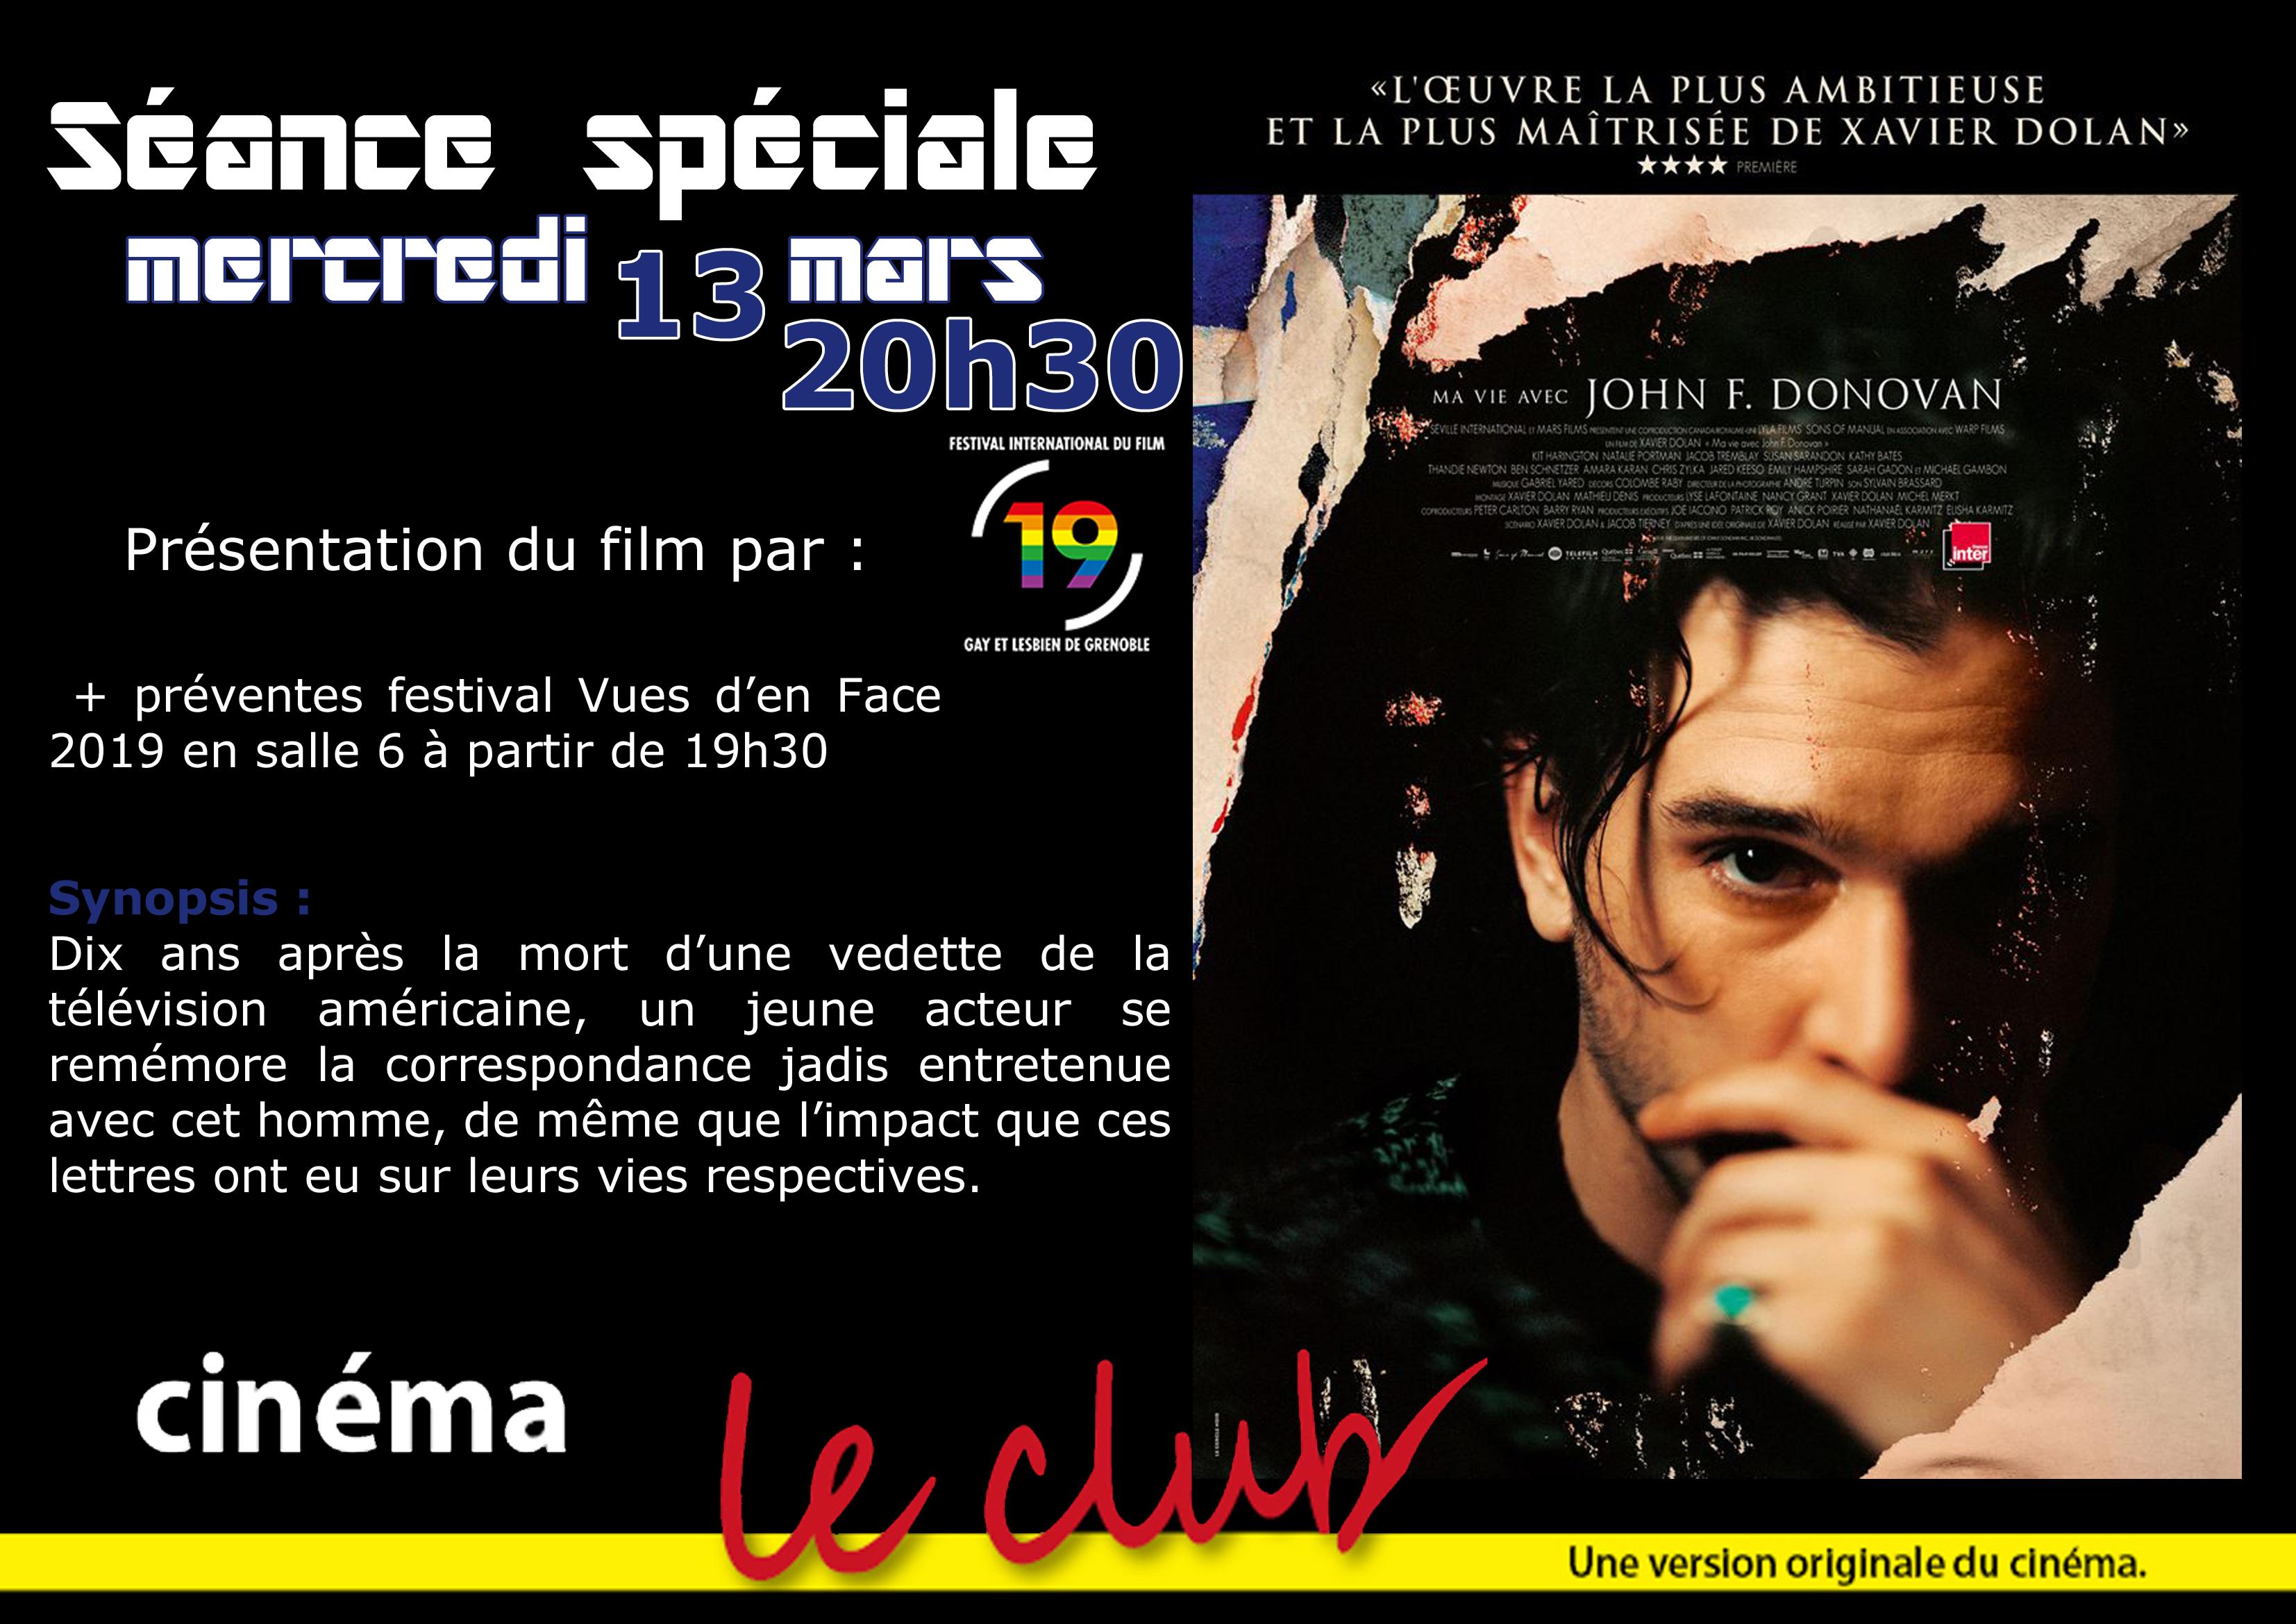 GRATUIT TÉLÉCHARGER FILM DOGORA